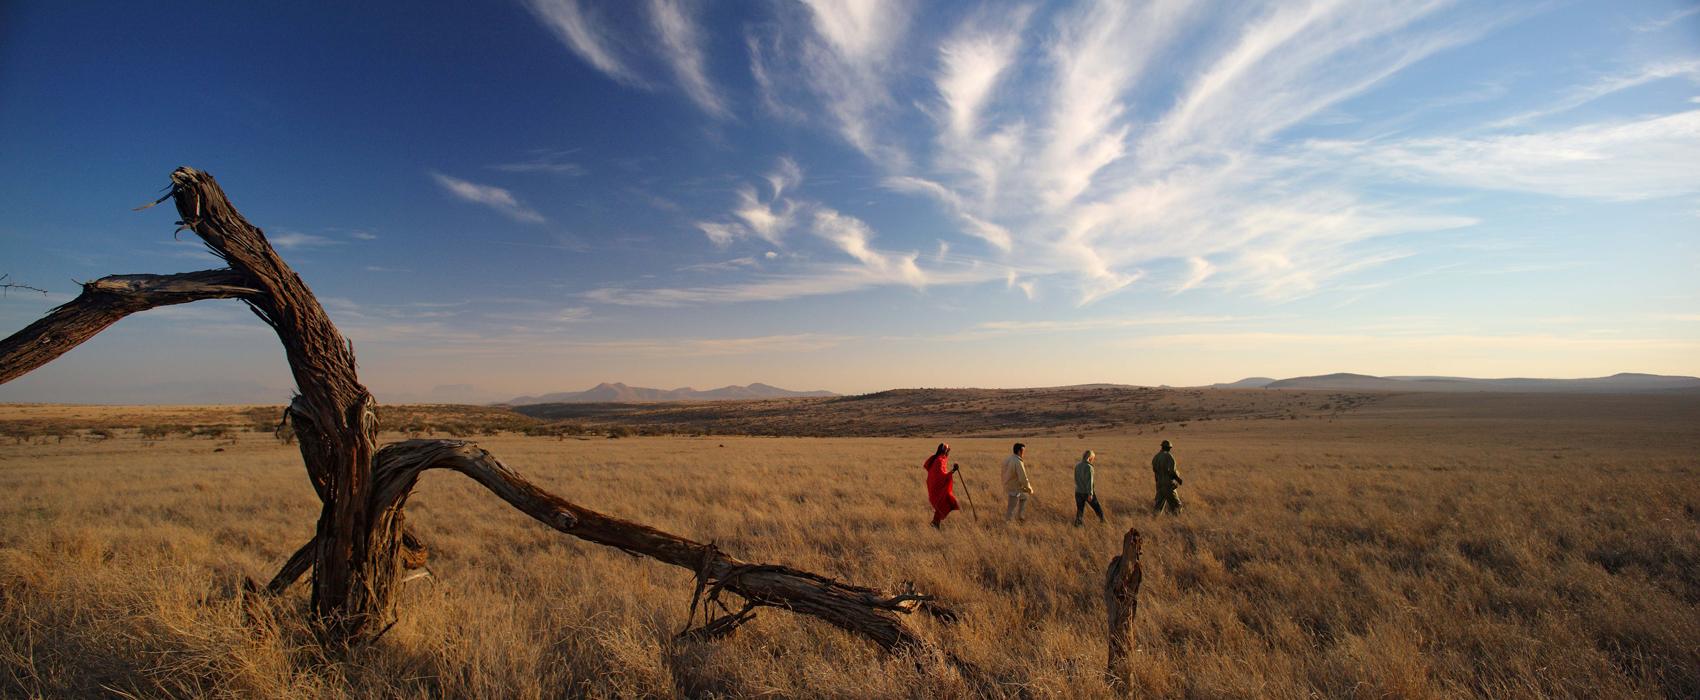 Elewana_Lewa_Safari_Camp-Guided_walking_safaris